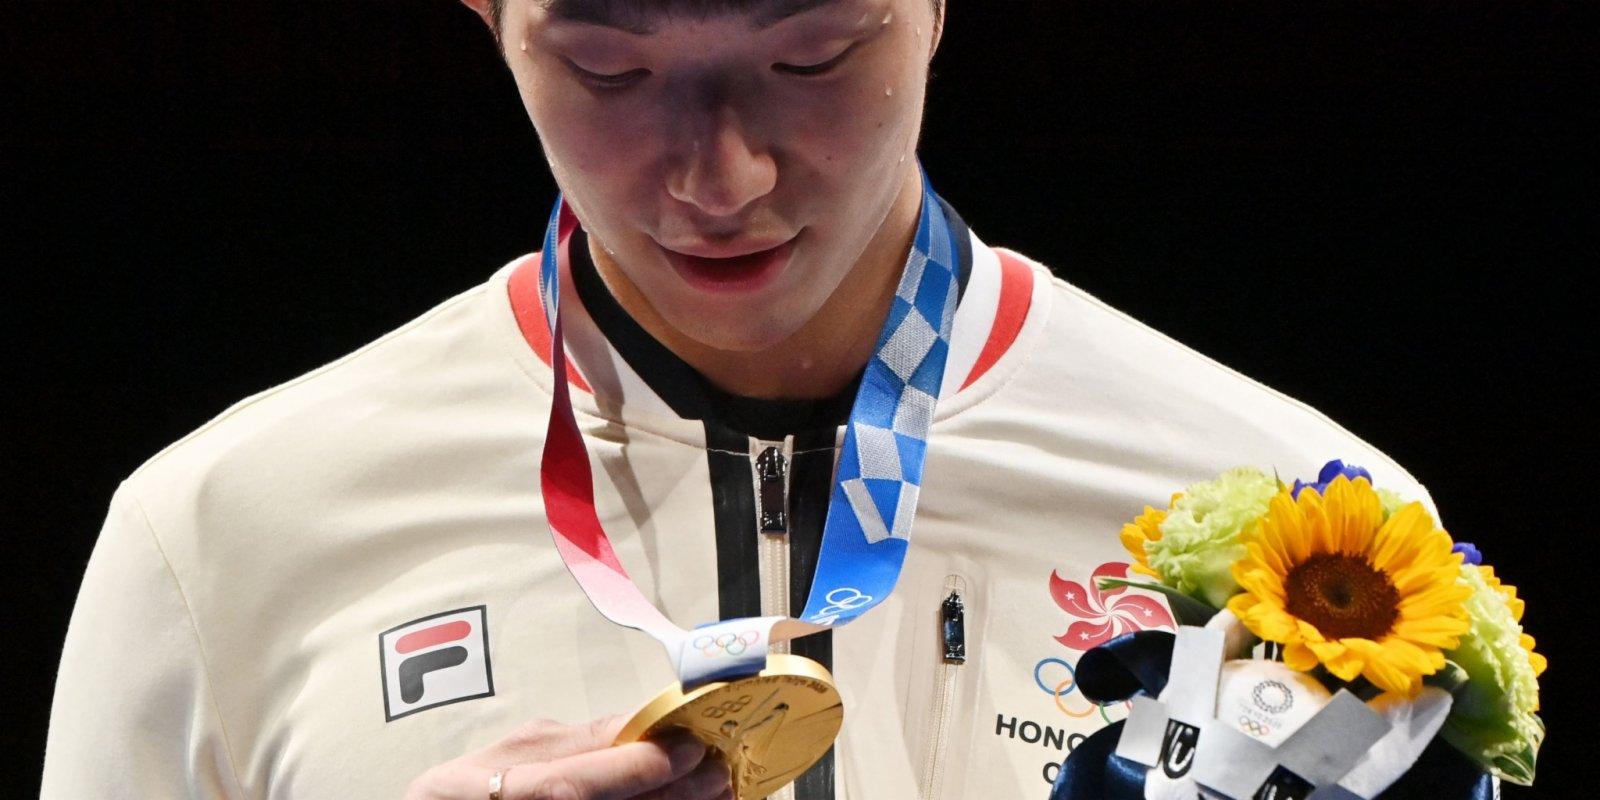 熱點追蹤 (多圖)港隊東奧奪牌創紀錄 運動員故事話你知